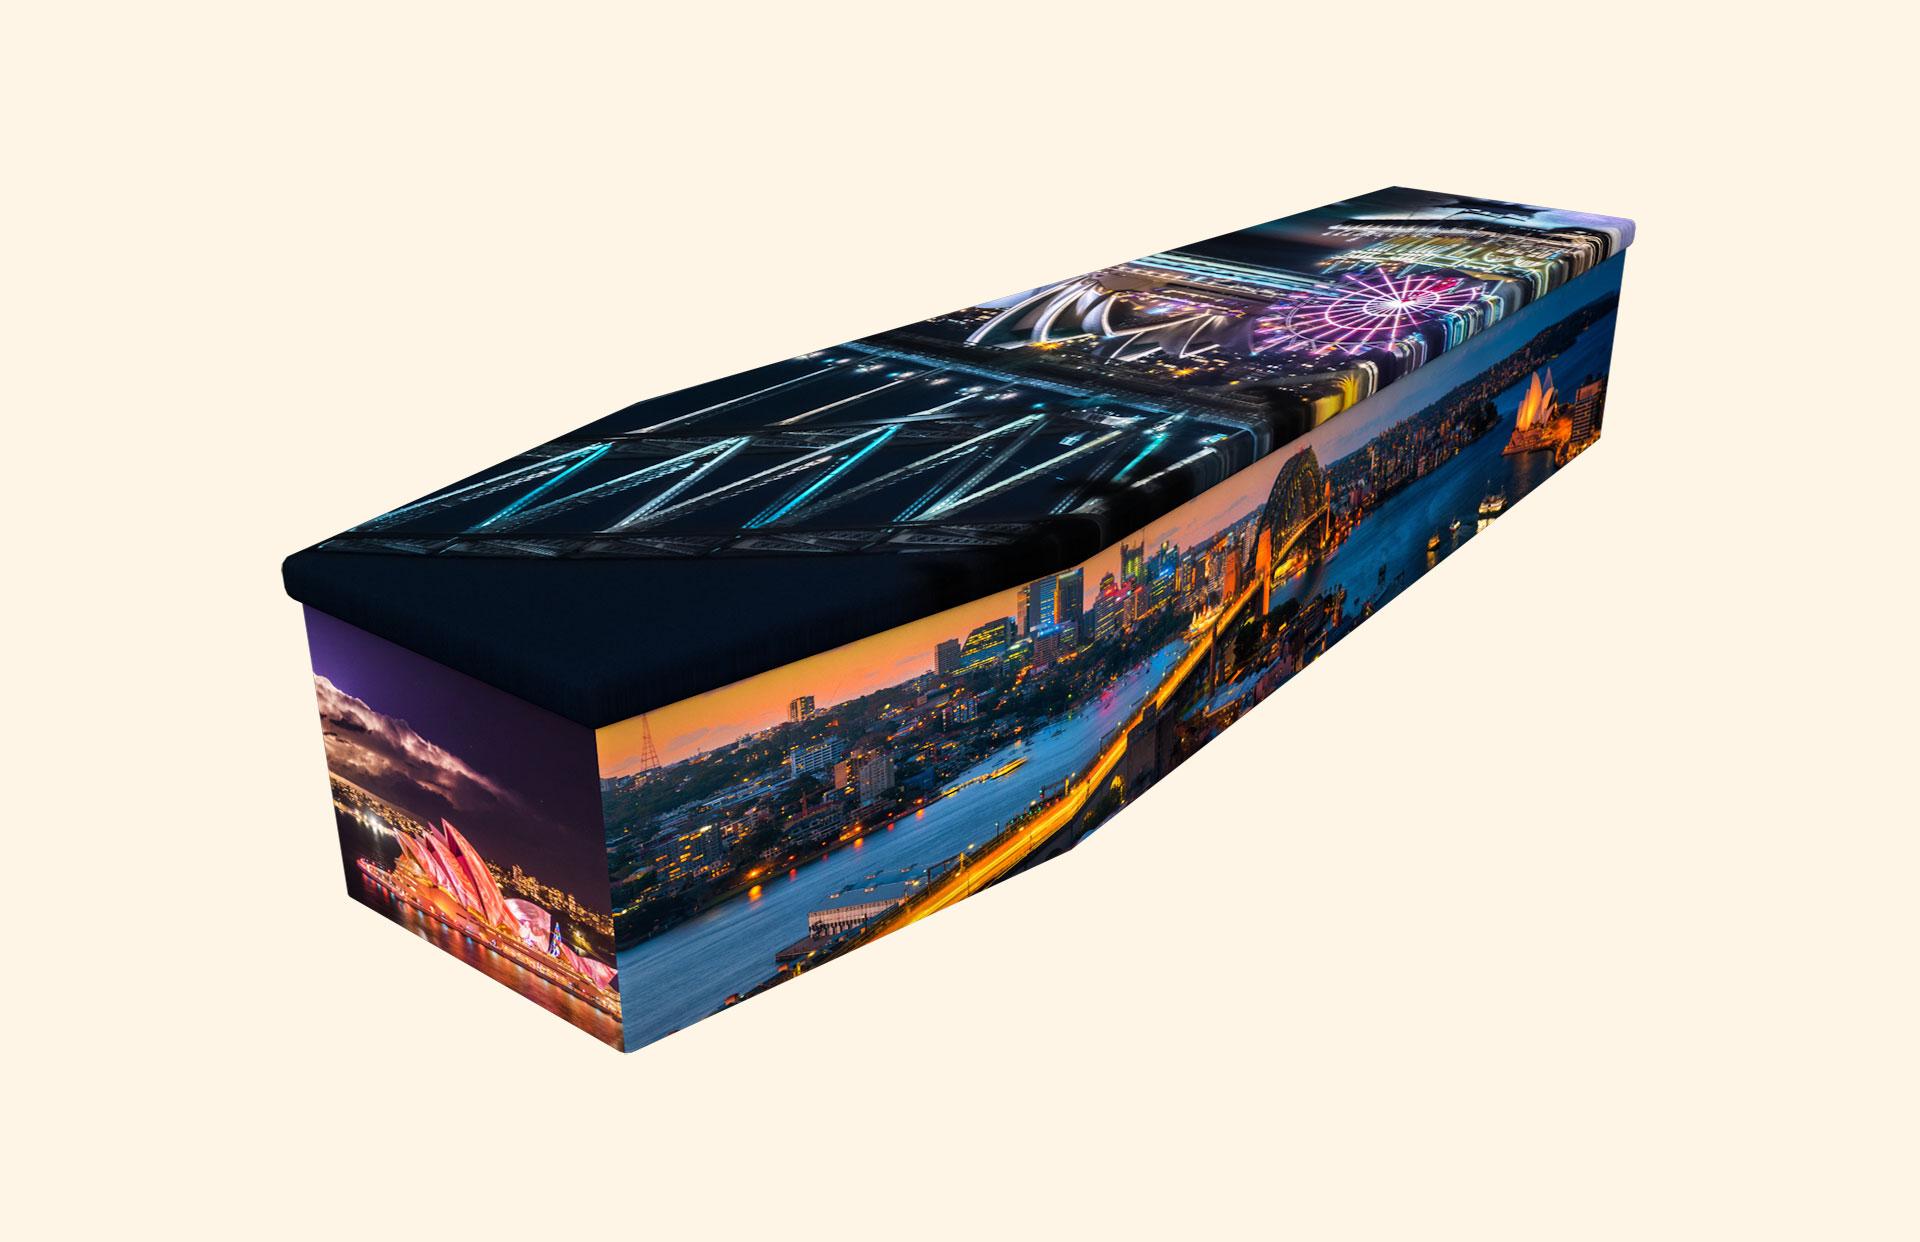 Sydney cardboard coffin